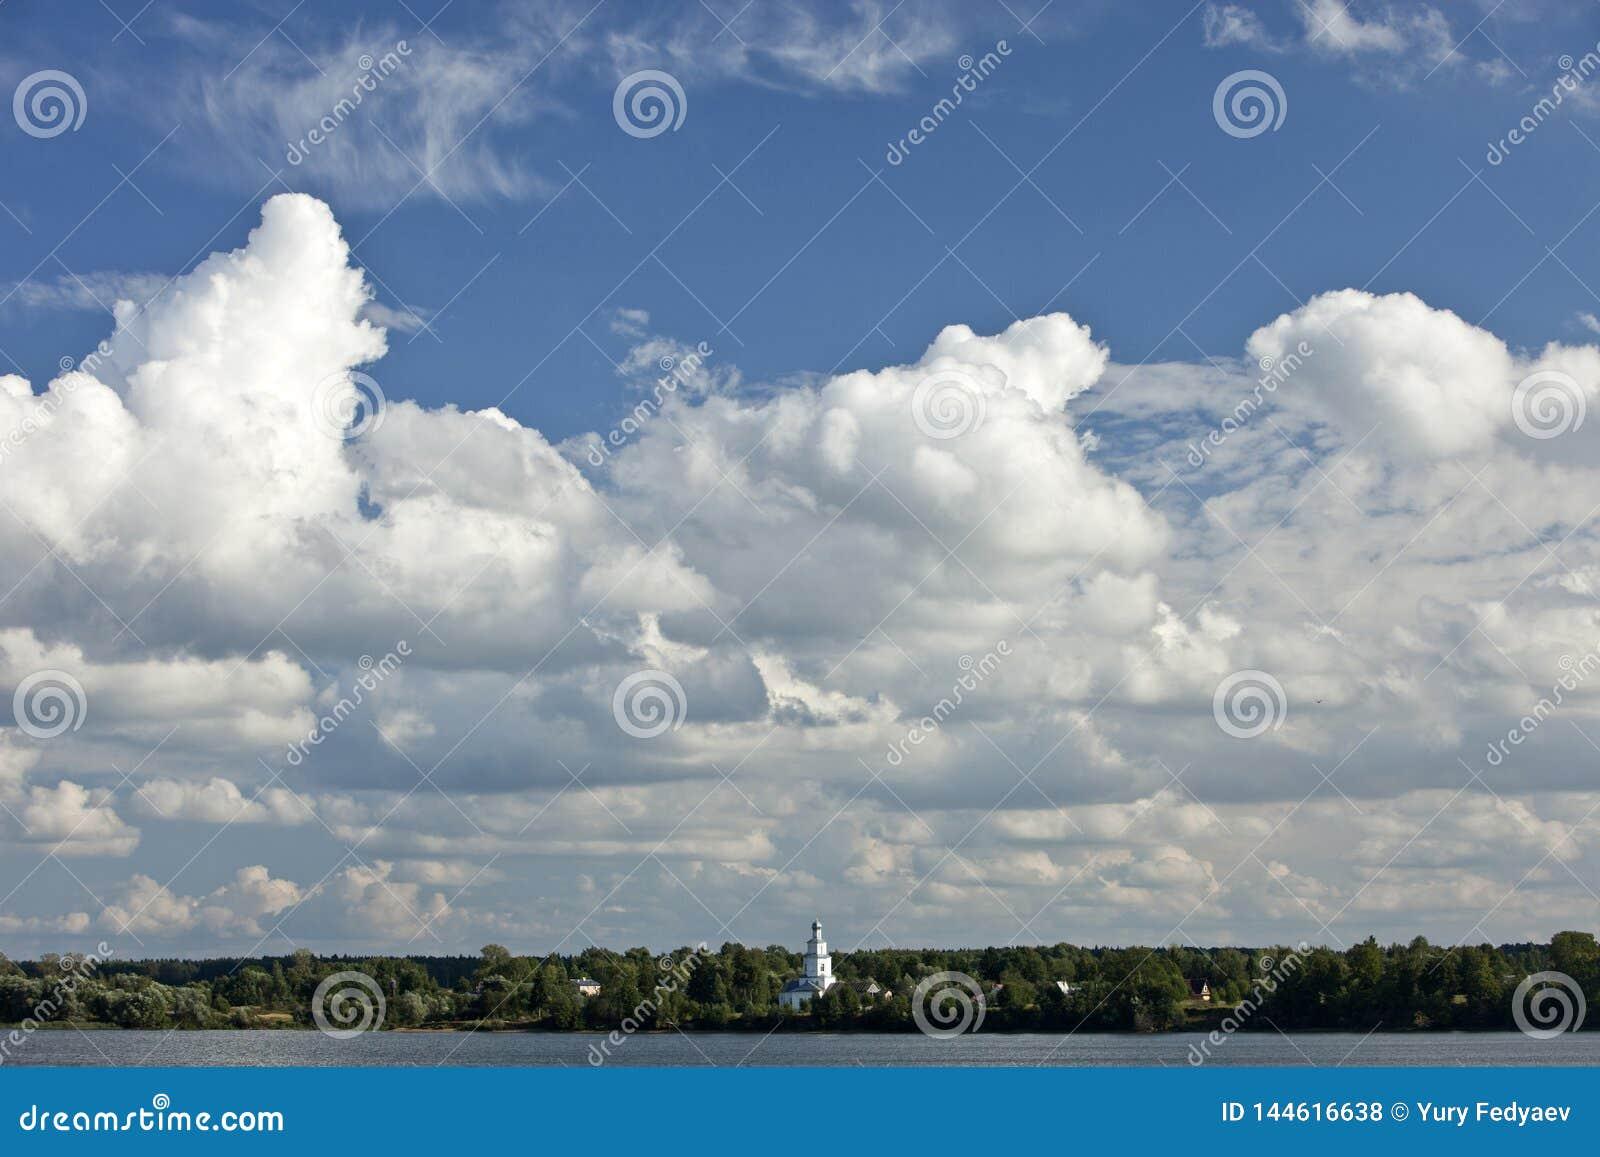 Białe cumulus chmury w niebieskim niebie dniem, naturalny tło, niebo, dzień, chmury, woda, jezioro, staw, drzewa, las, kościół,